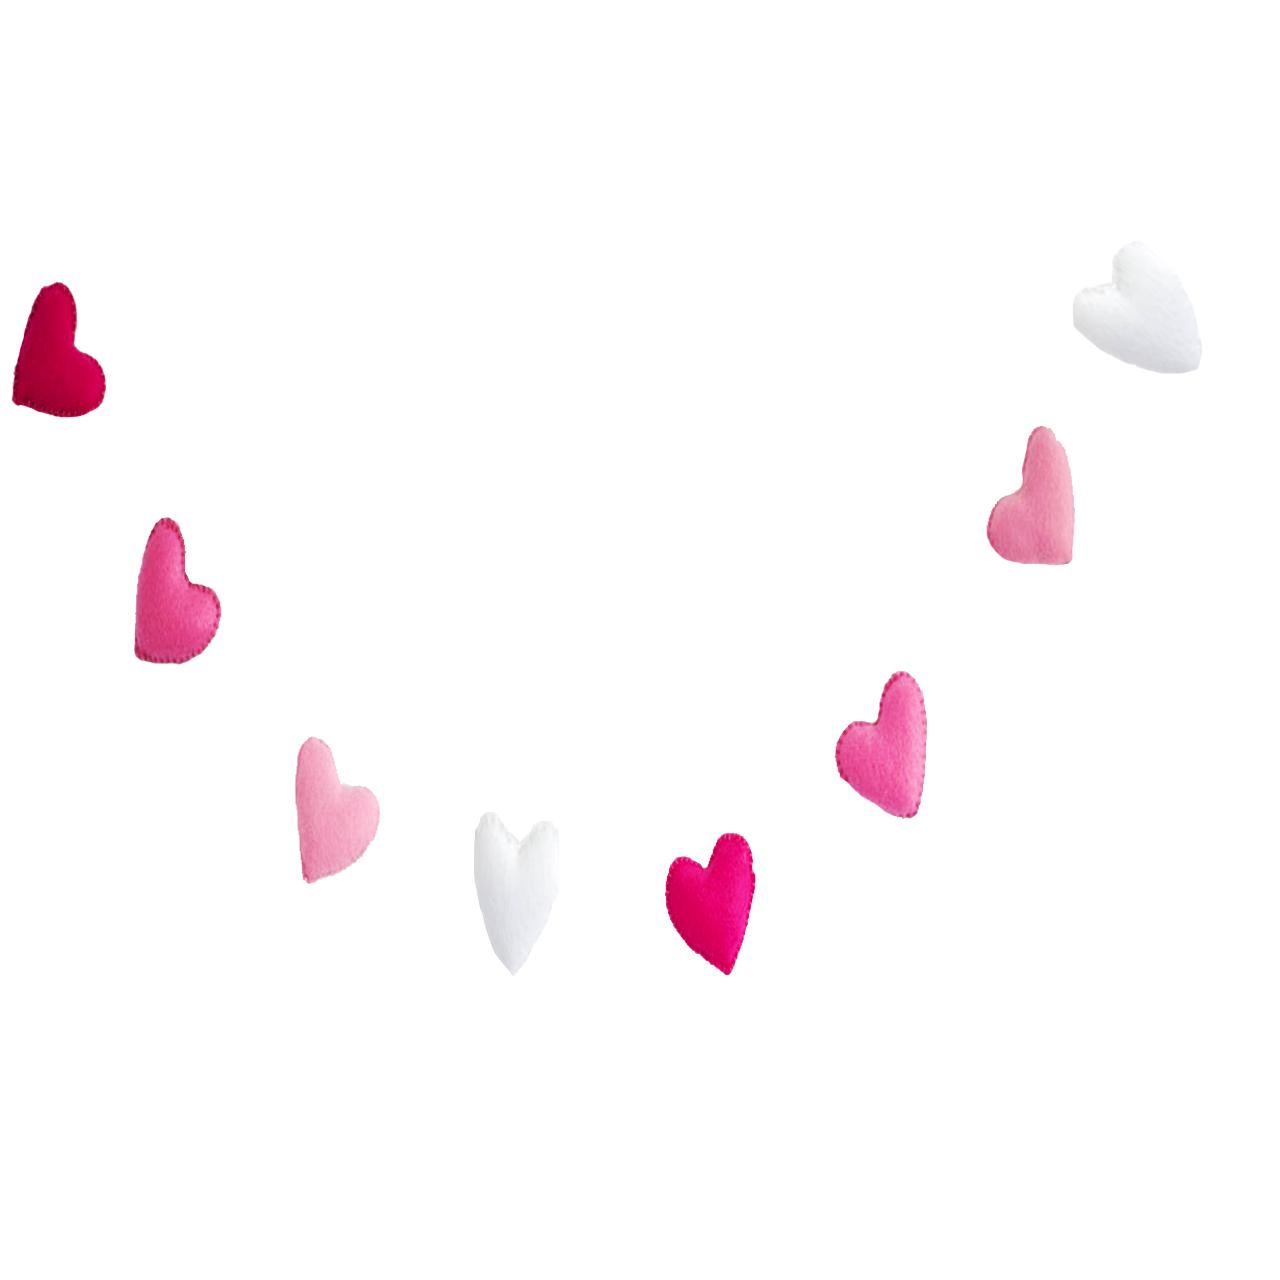 آویز تخت کودک هیاهو مدل Hearts